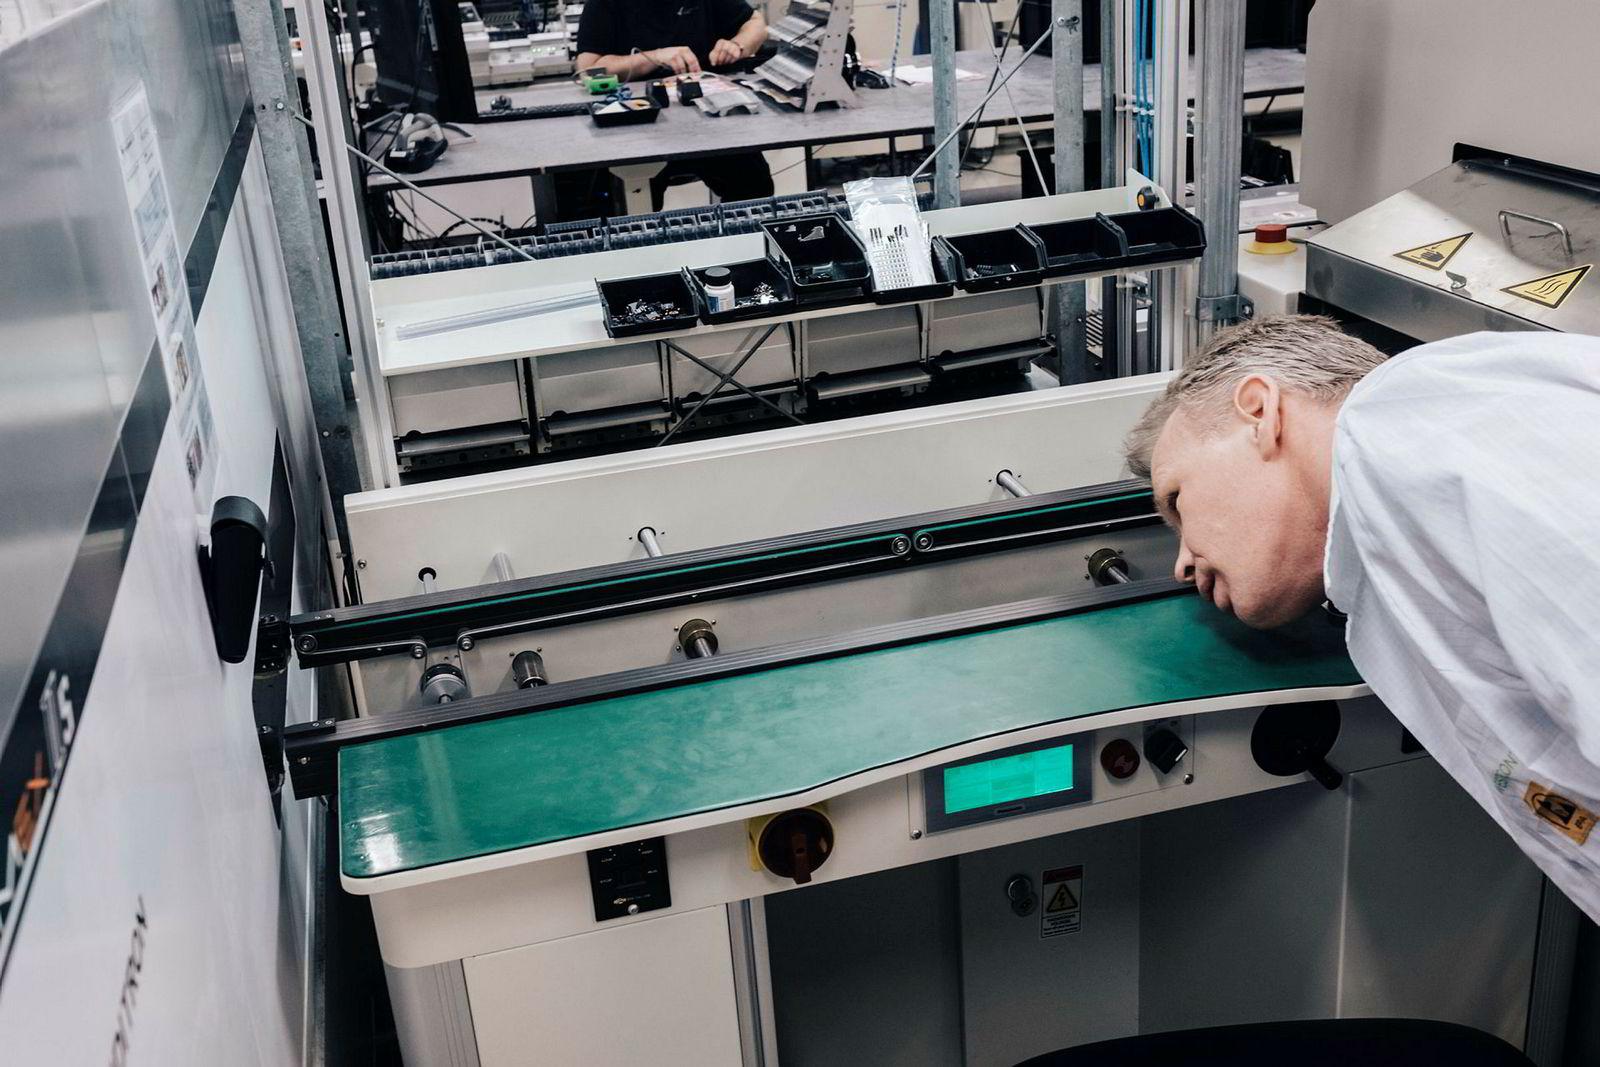 Zaptec-sjef Anders Thingbø er på besøk hos Westcontrol på Tau i Rogaland for å inspisere produksjonen av elbil-laderne til bedriften. Her venter han på at et kretskort skal komme ut av maskinen. Maskinoperatør Jan Roger Watland i bakgrunnen.